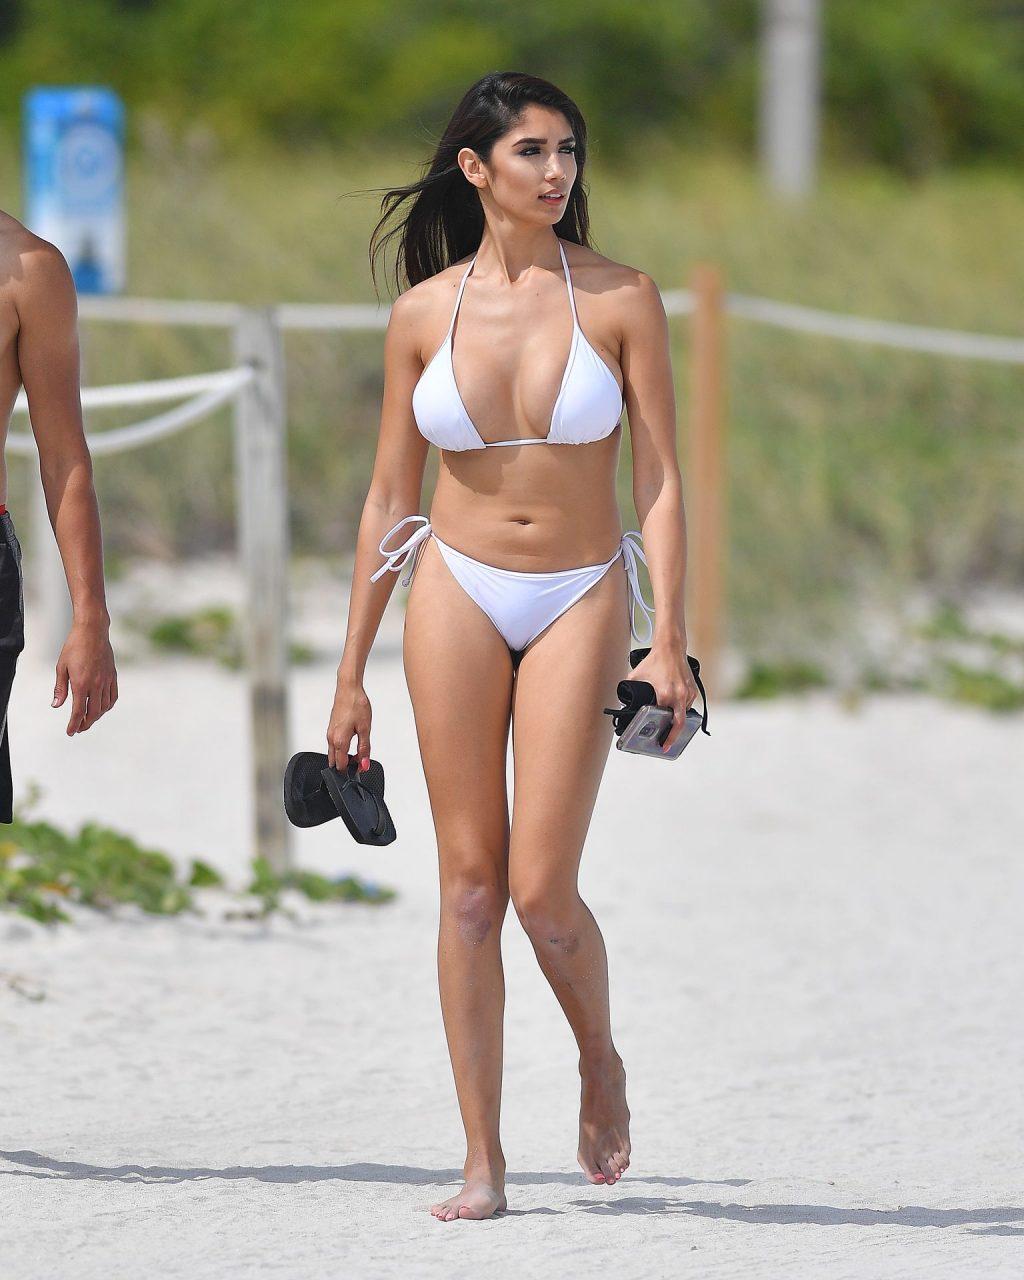 Bikini Diana Ageeva nudes (14 pics) Pussy, Twitter, butt